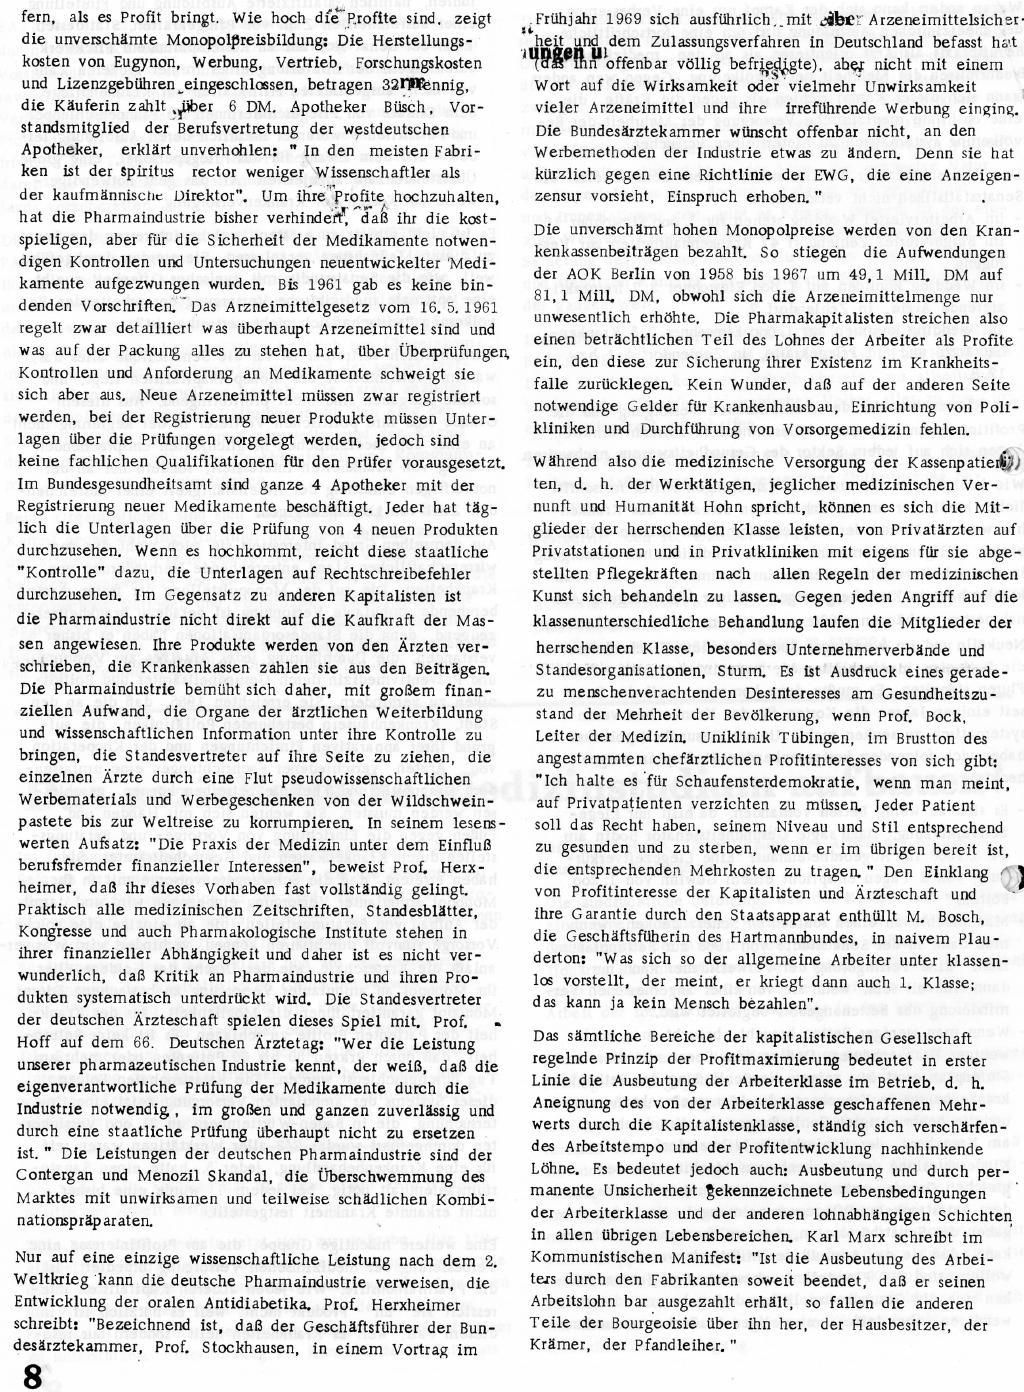 RPK_1970_089_08